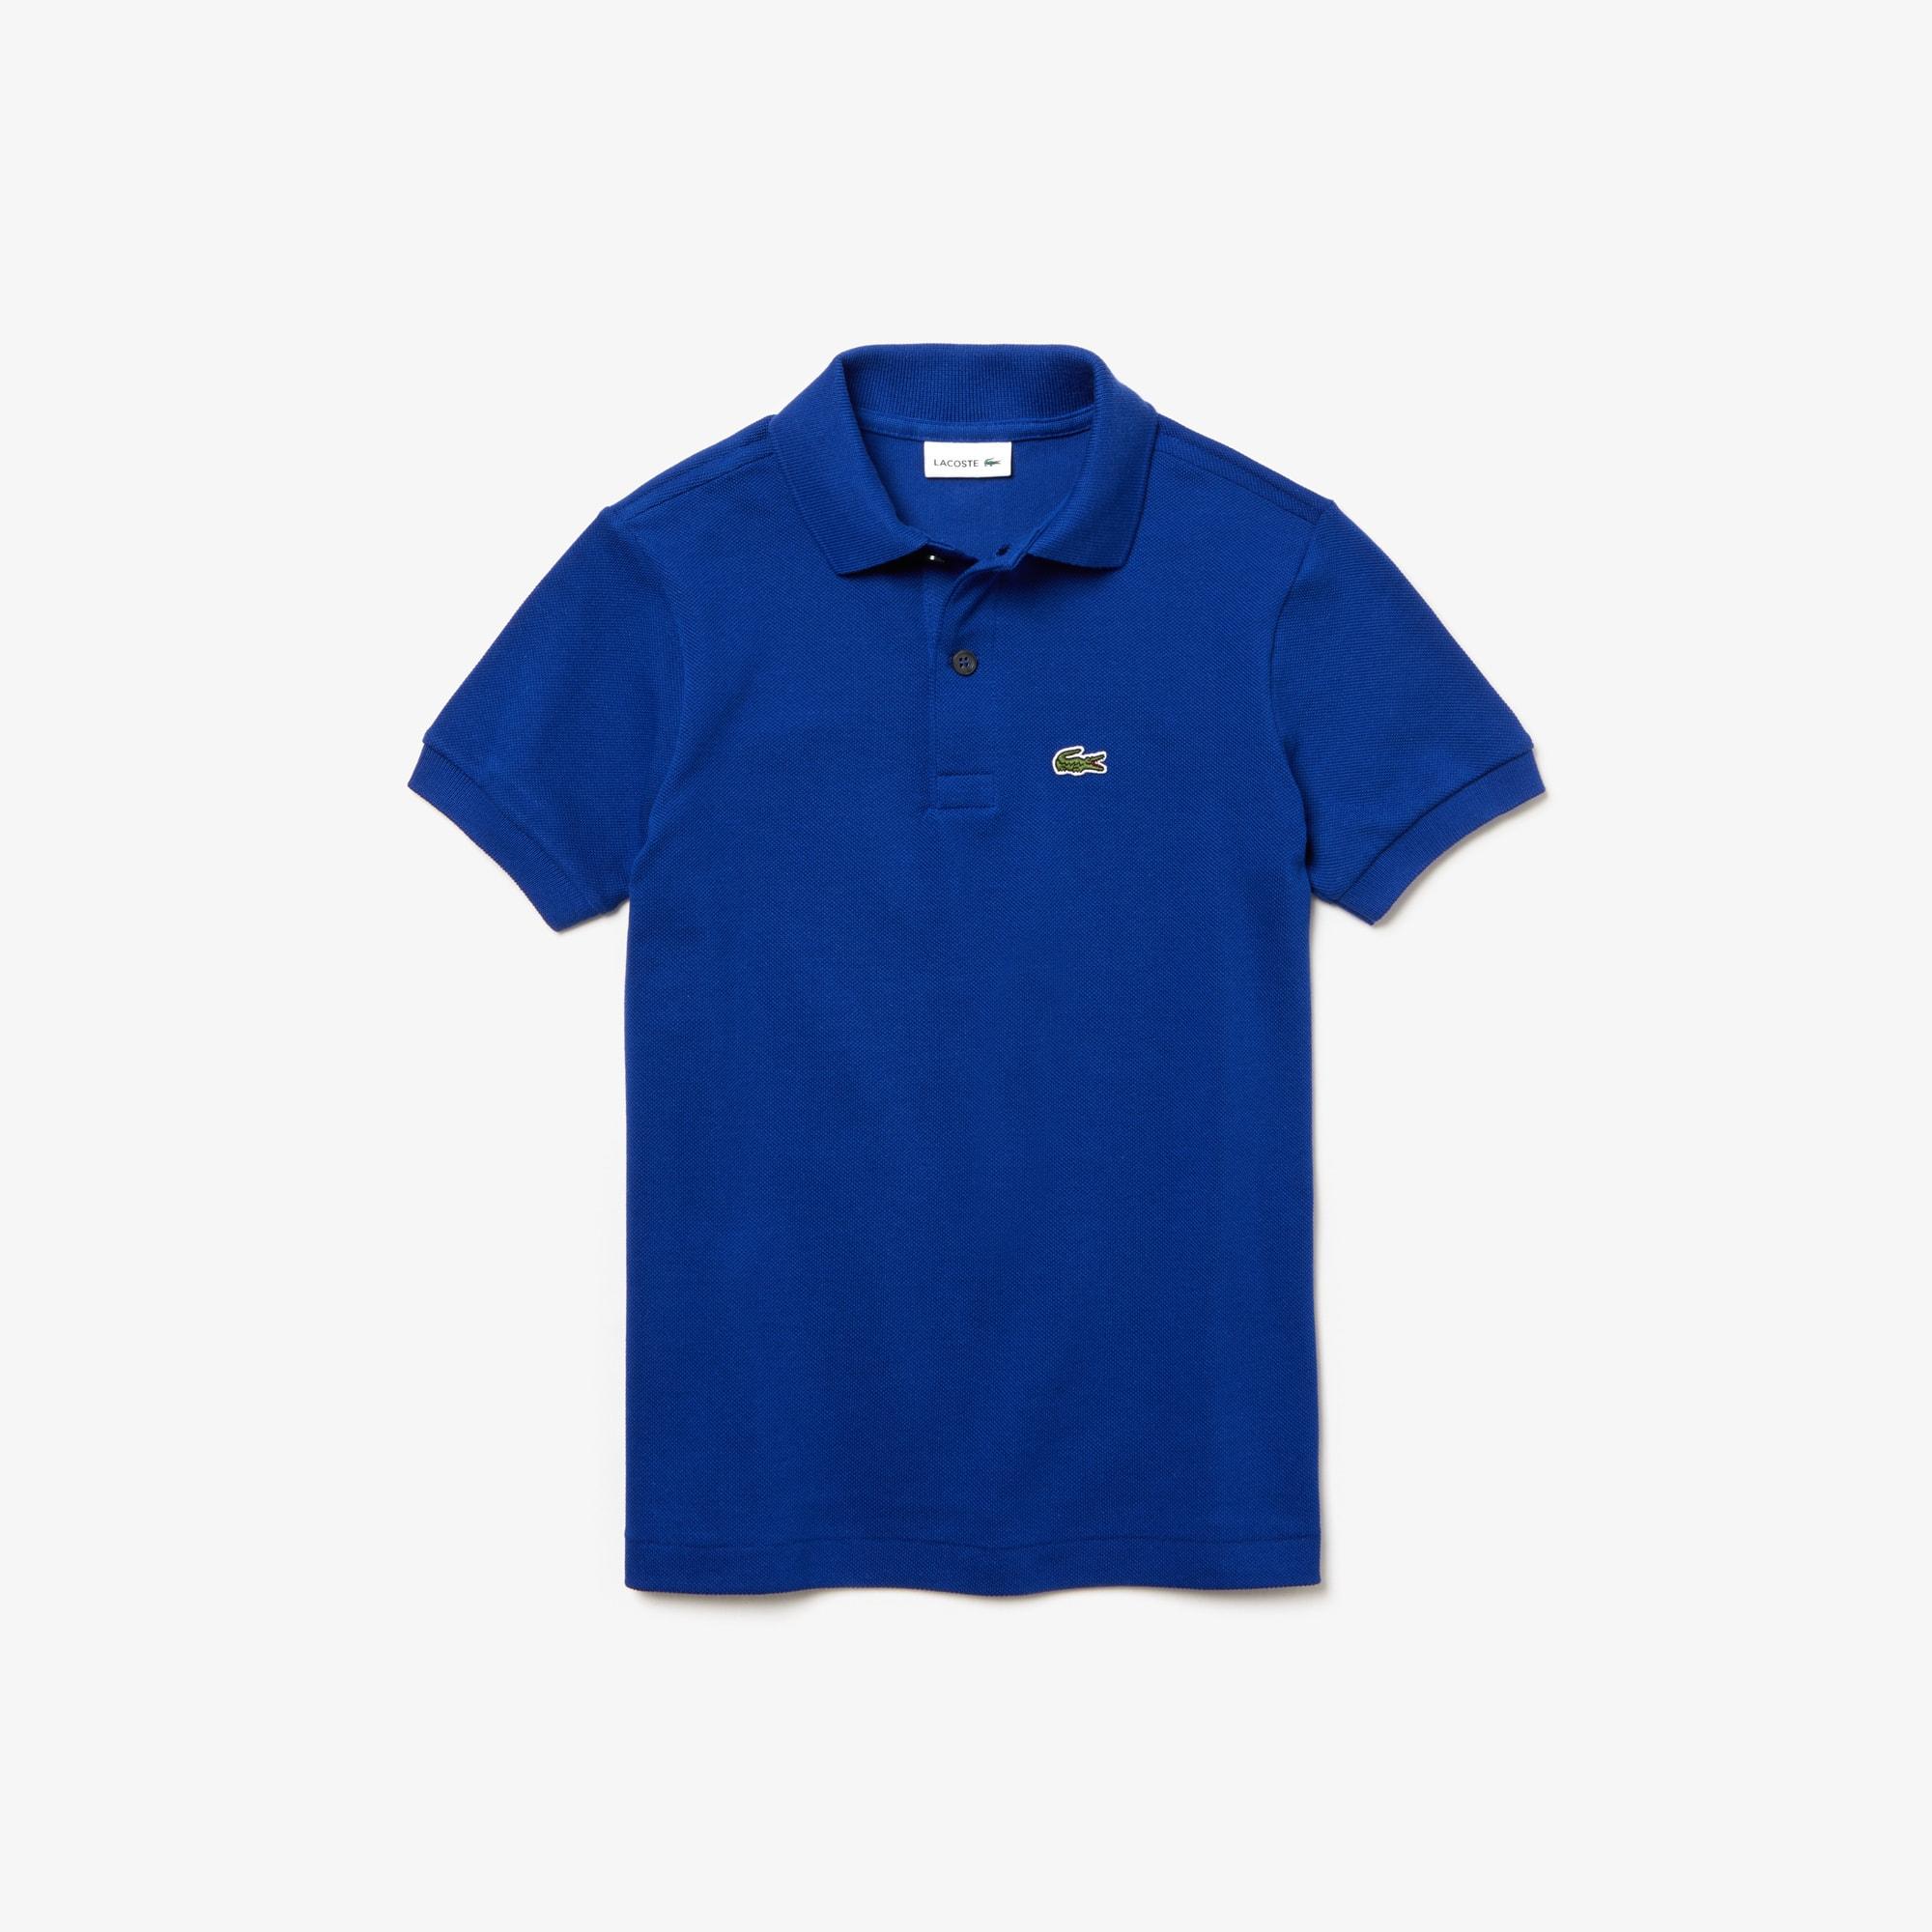 3c17df096f Kids' Lacoste Petit Piqué Polo Shirt | LACOSTE